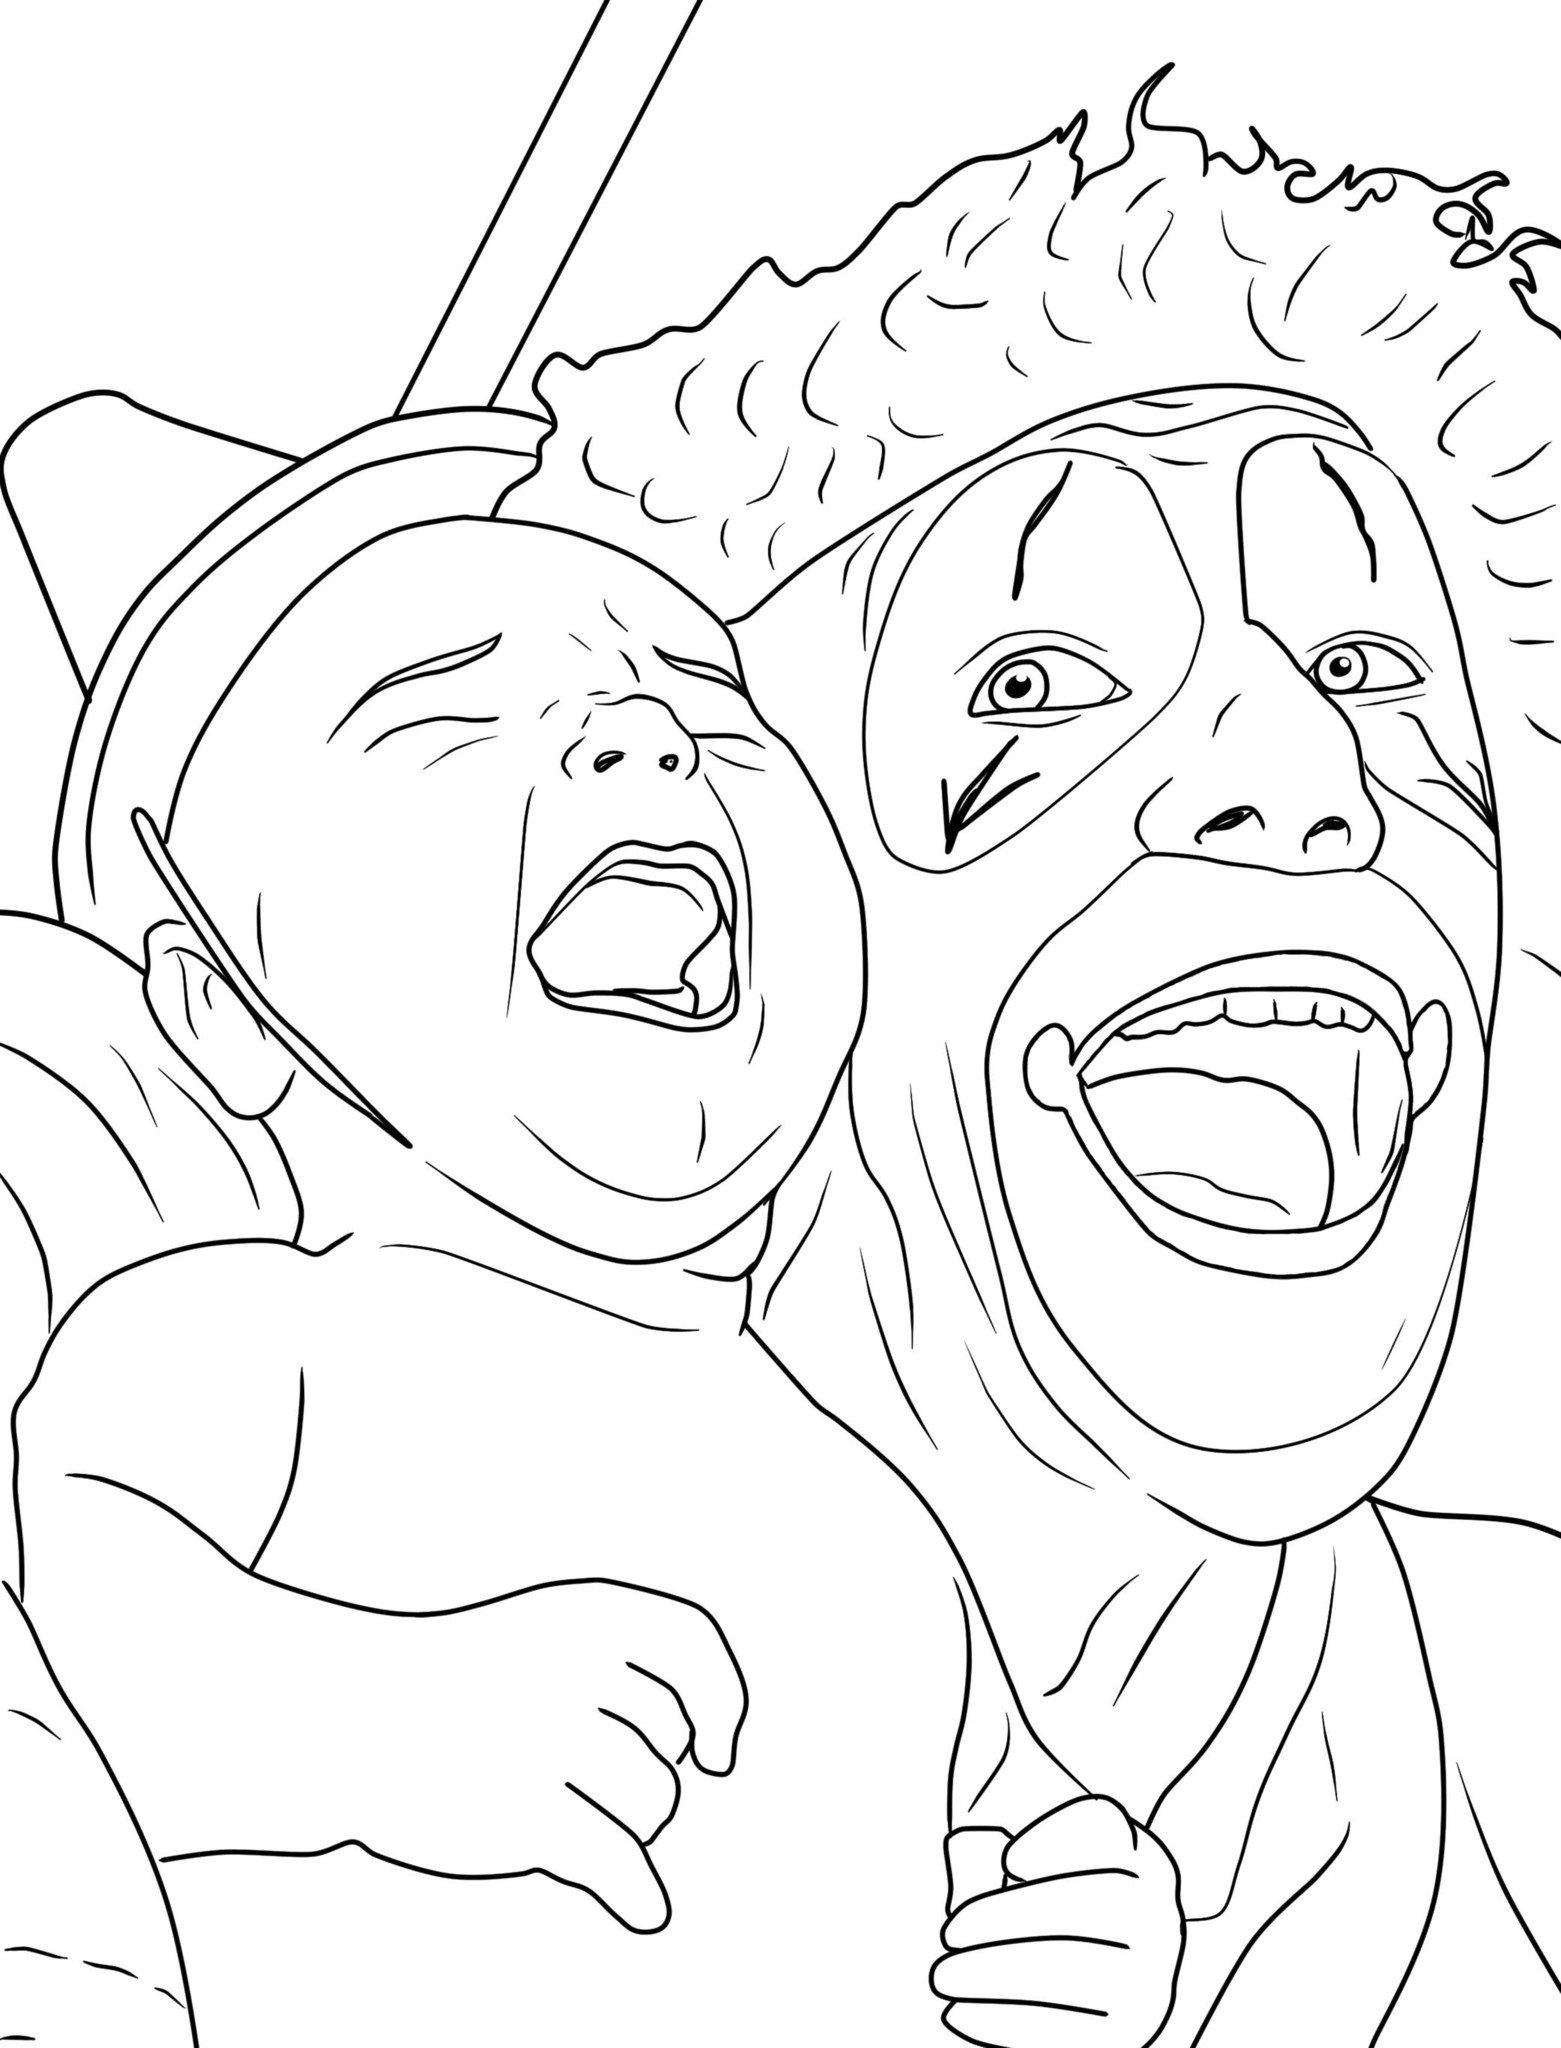 Creepy coloring #15, Download drawings